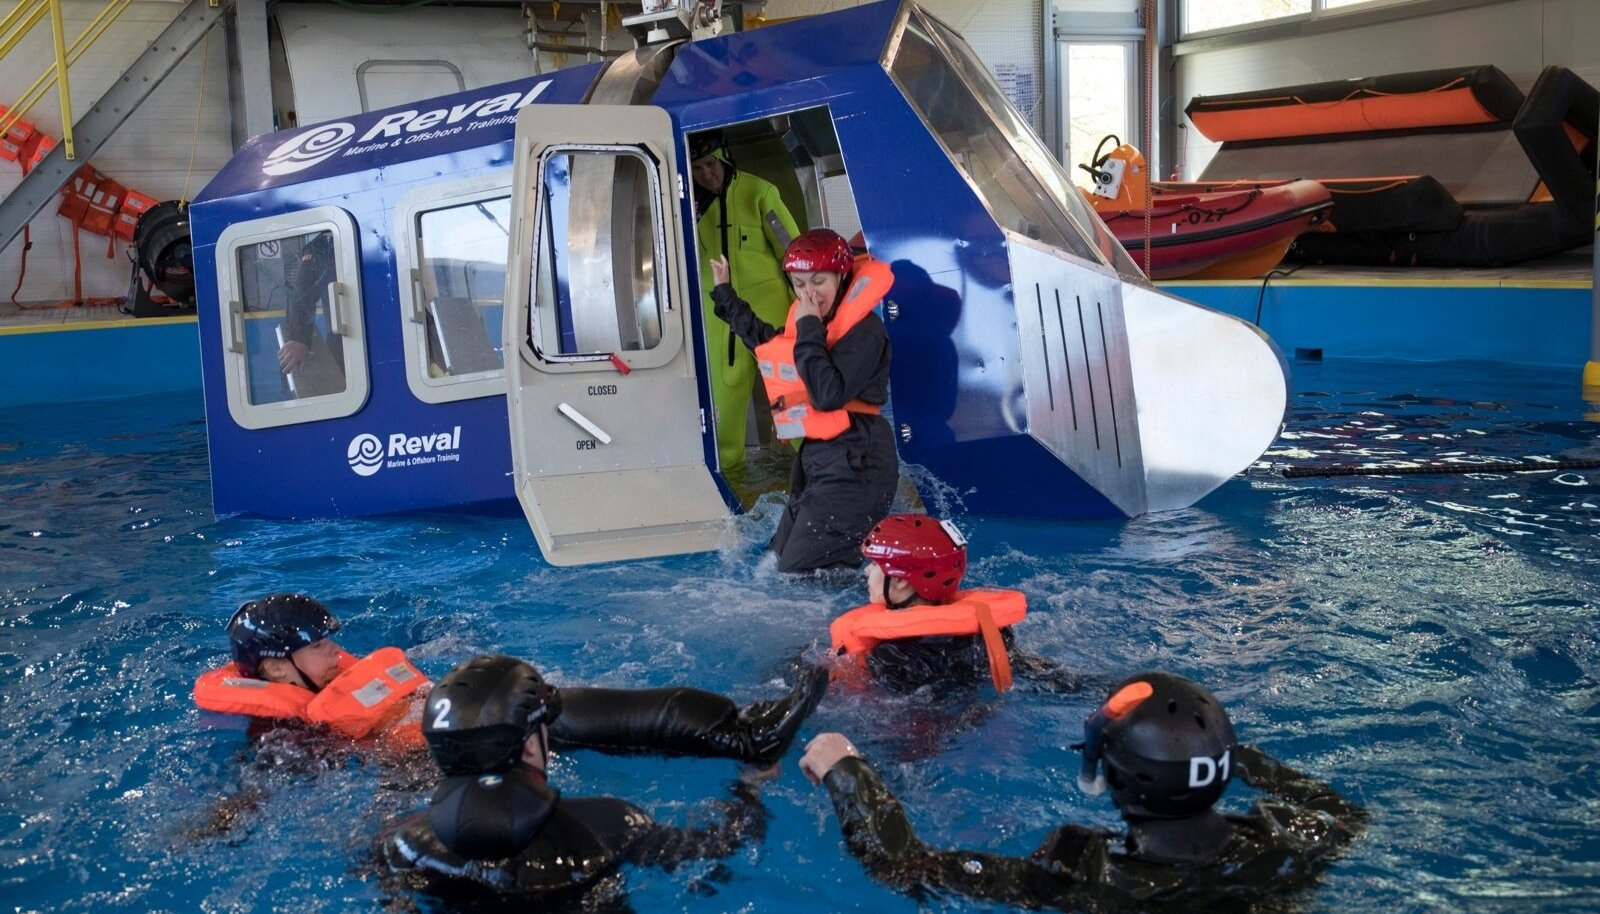 Nordica töötajad õpivad Revali merekoolis vette hädamaandunud helikopterist pääsemist.